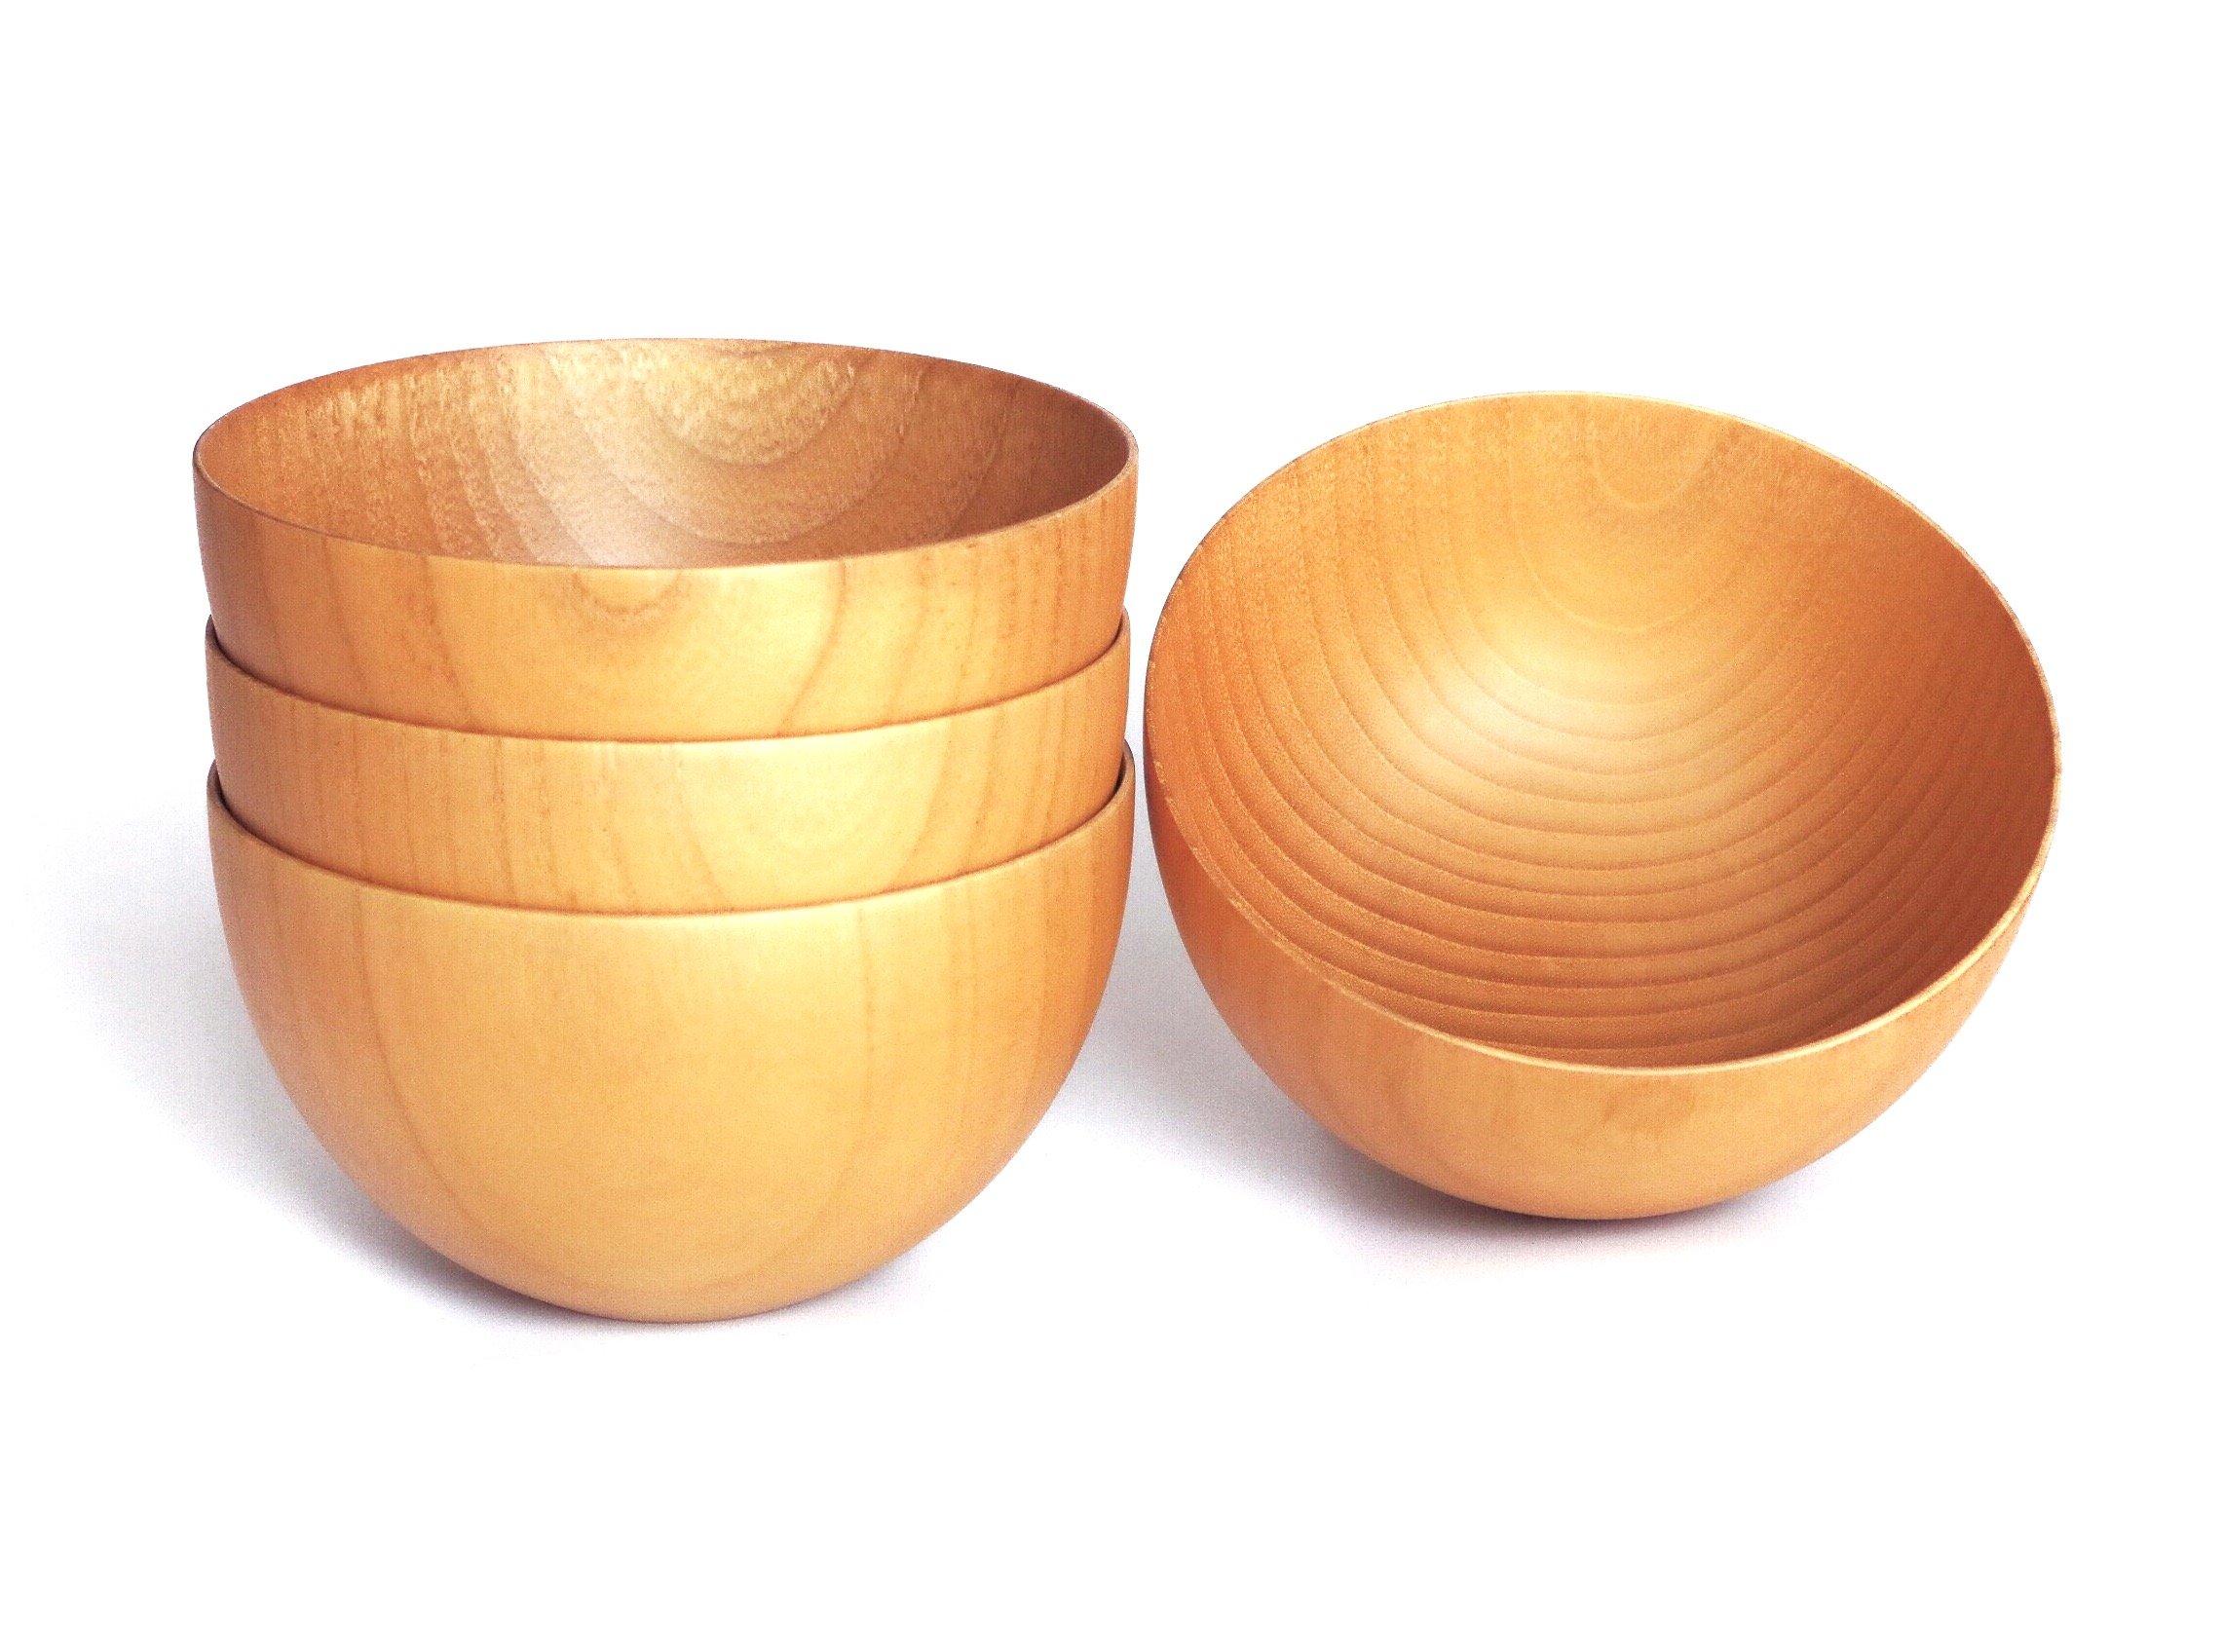 Wooden bowl set -12 Ounce for Cereal, Rice, Salad, Soup, Dessert, Snack, Porridge - Set of 4, Wood Color